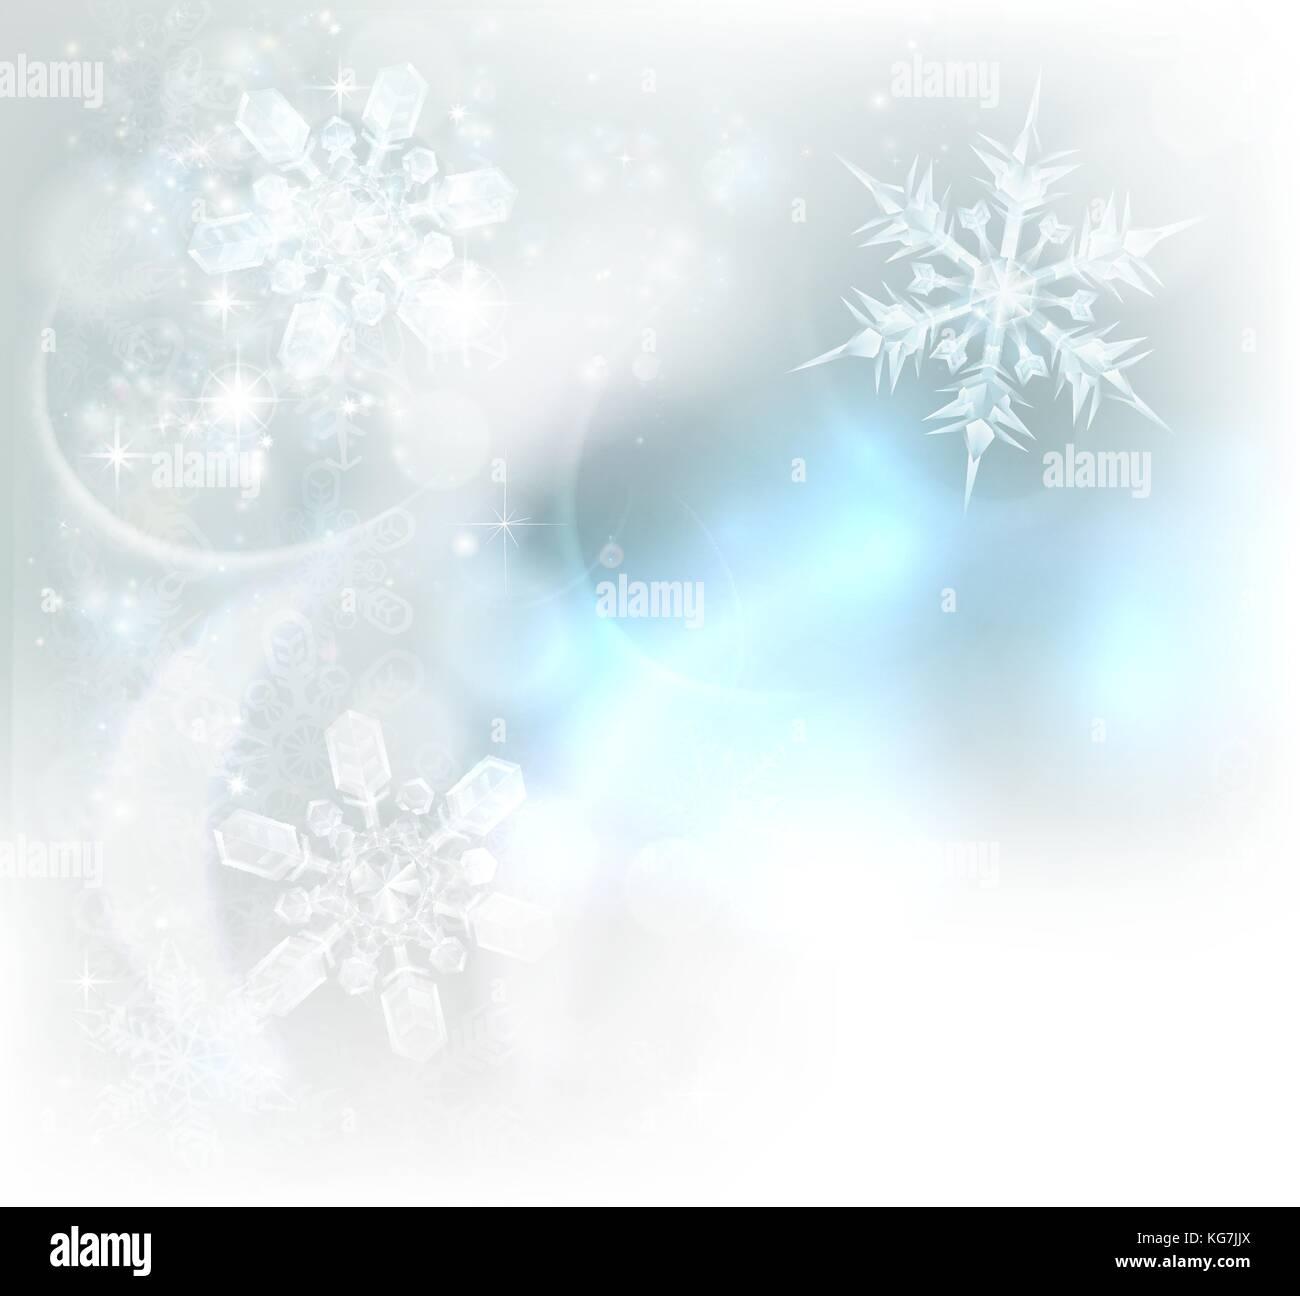 Weihnachten Schneeflocken Eiskristalle Hintergrund Vektor Abbildung ...